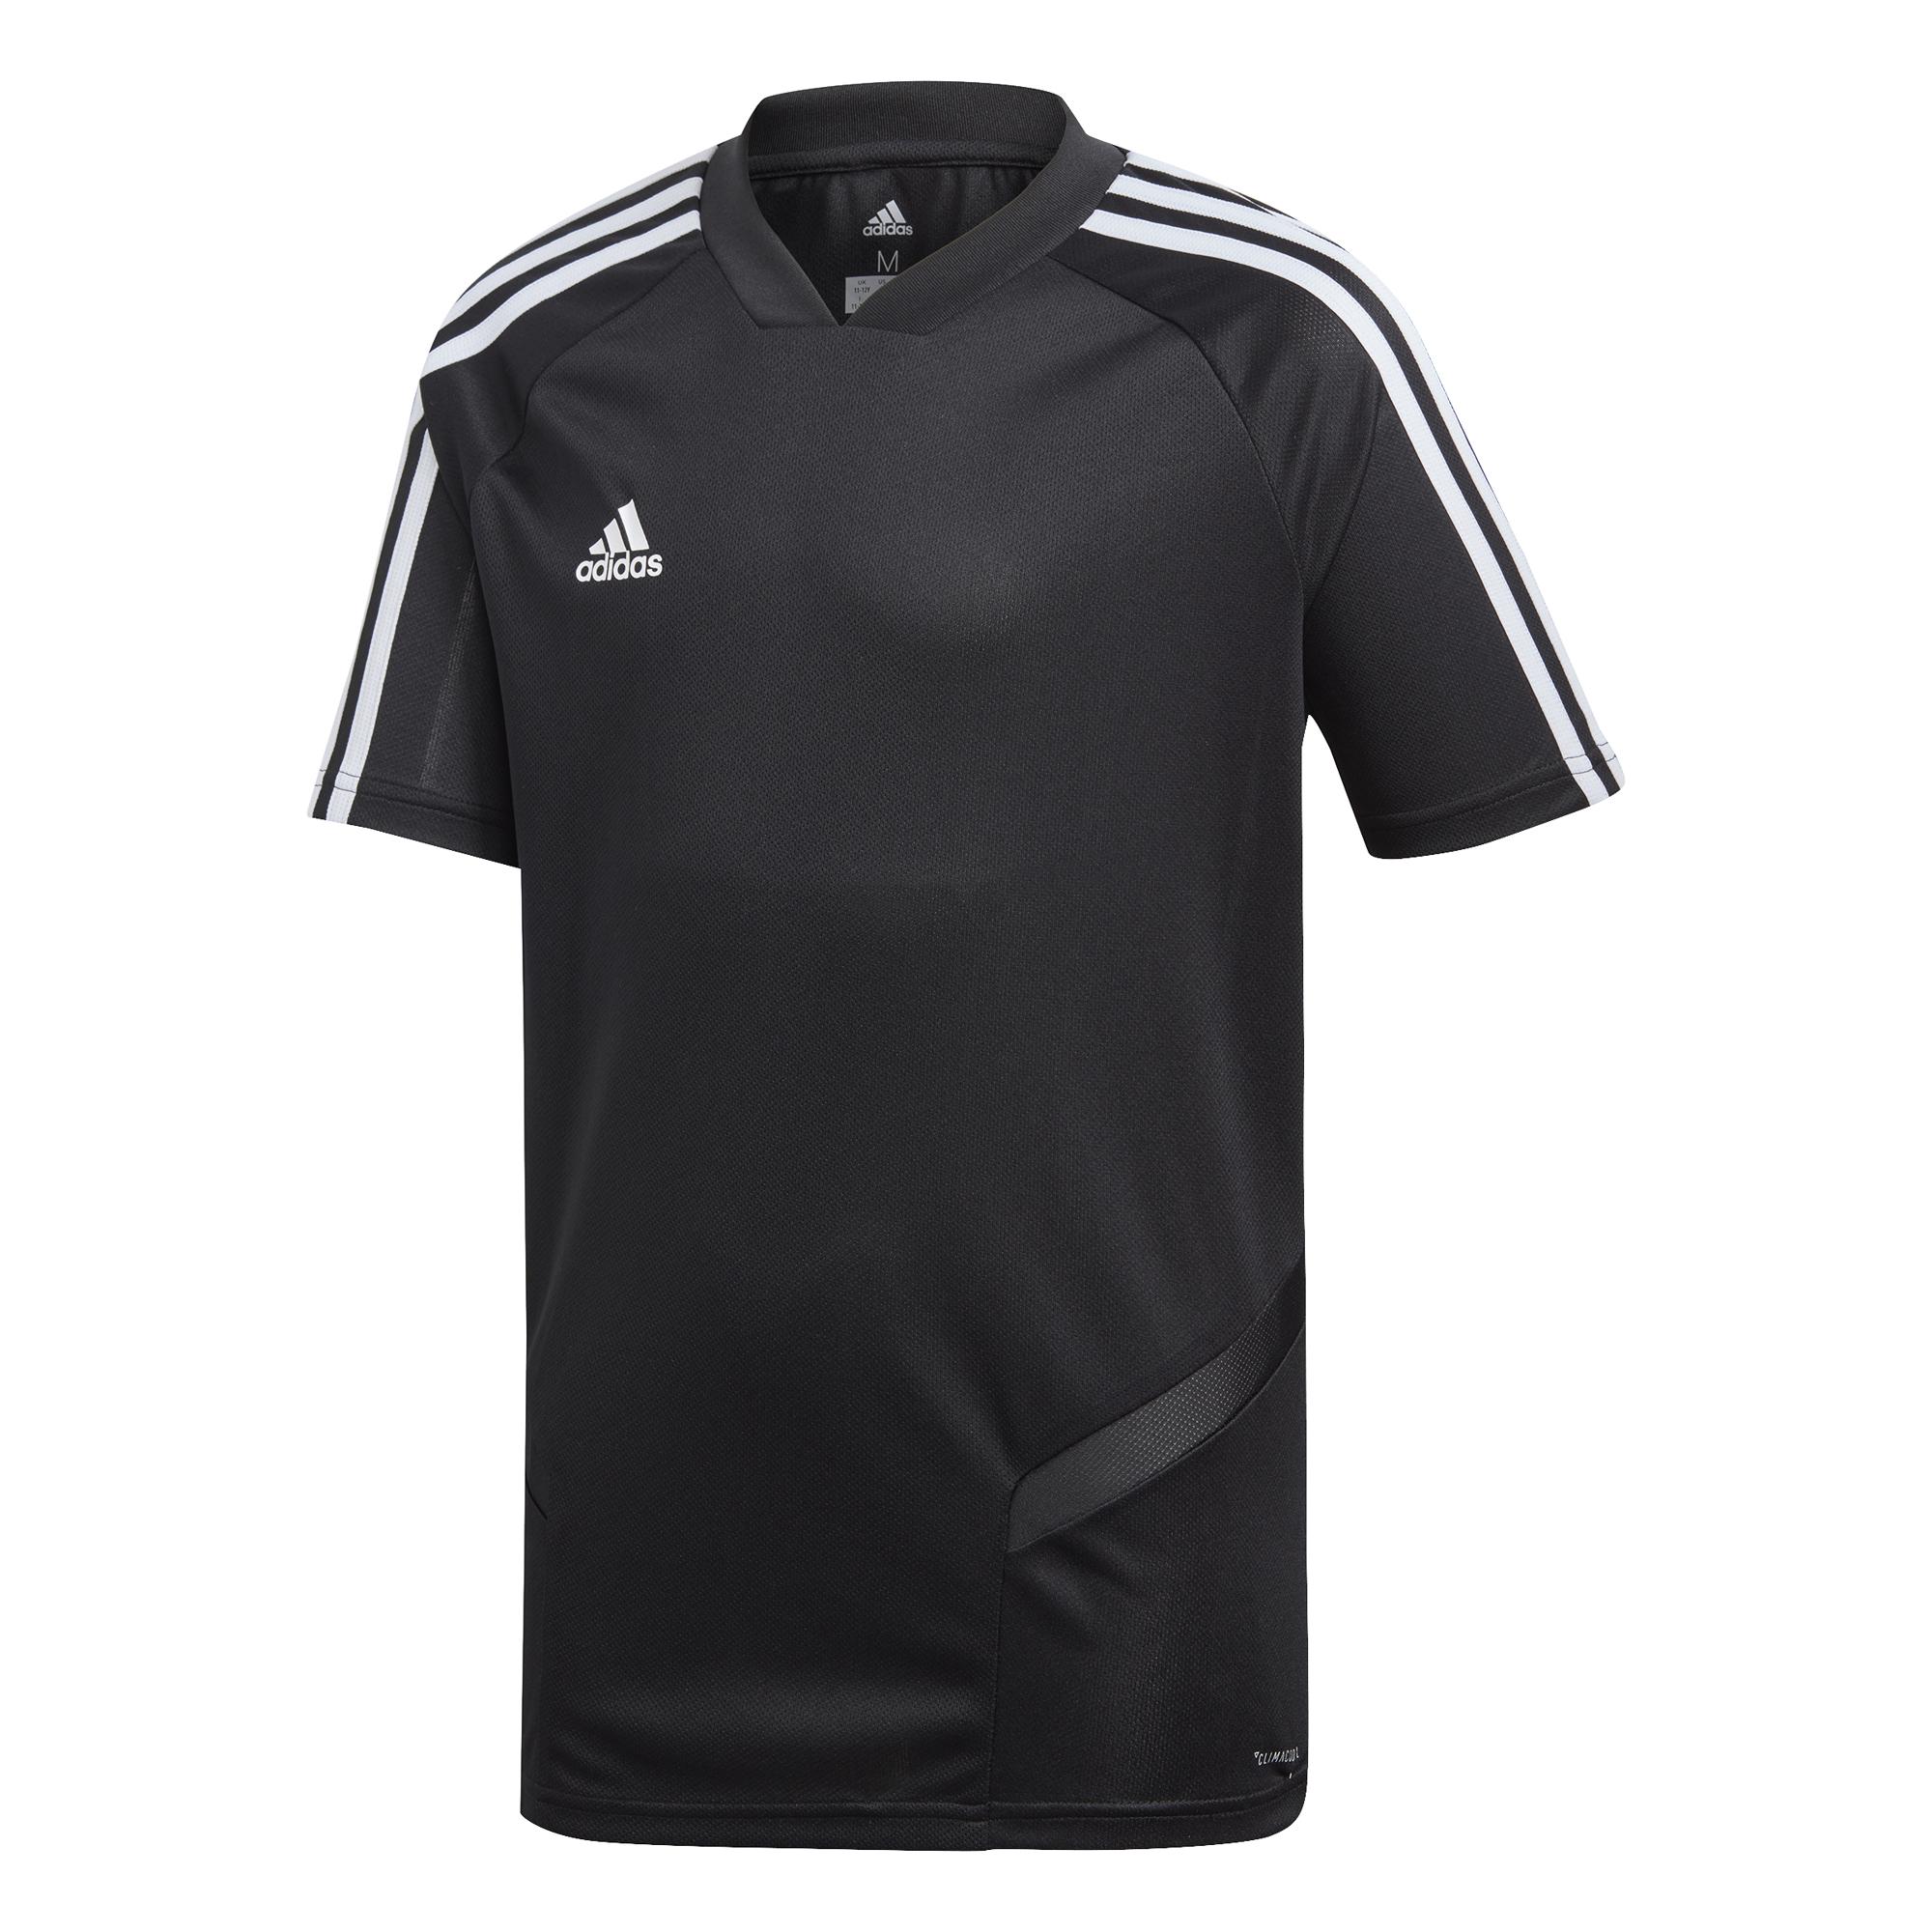 ADIDAS tréninkové triko Tiro 19 dětské